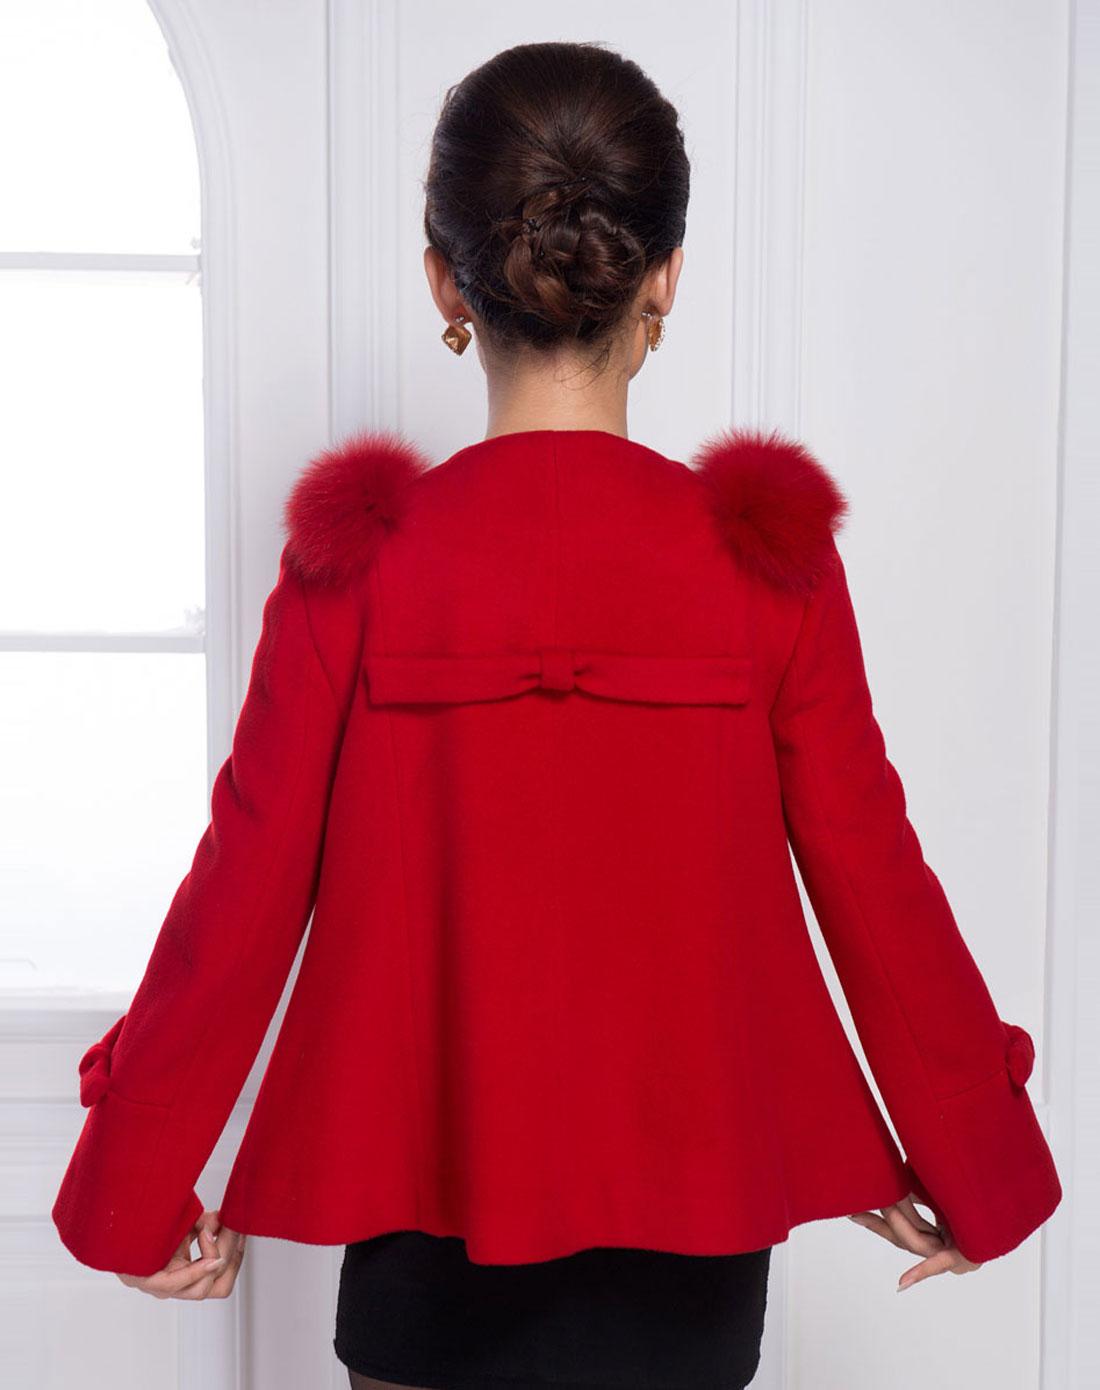 女士大红色短款圆领羊绒大衣图片